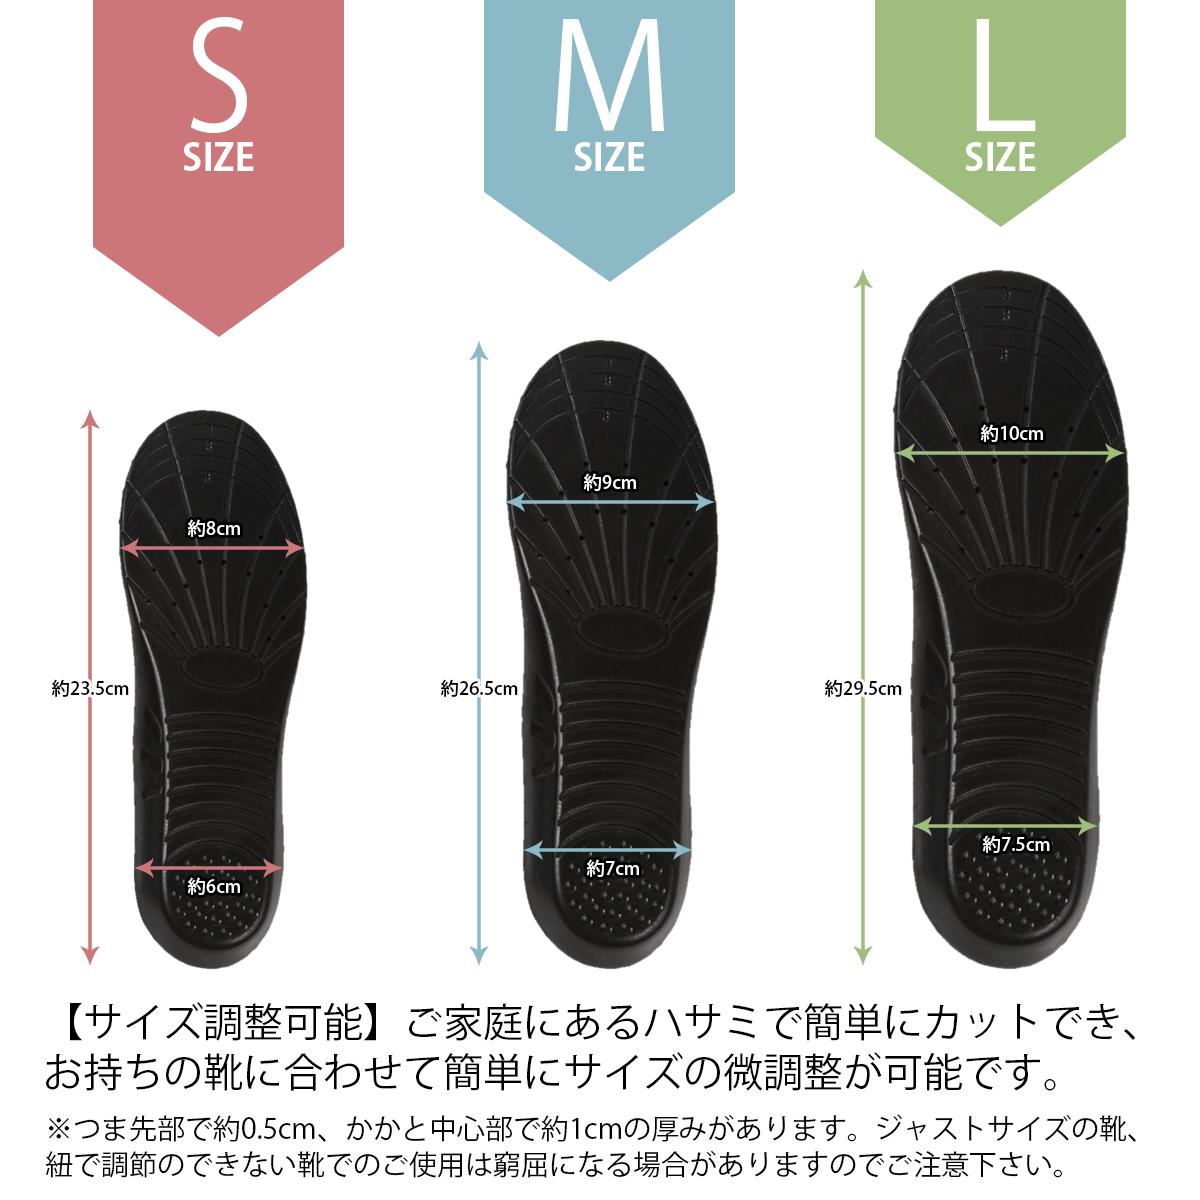 靴 中敷き サイズ 調整 やり方